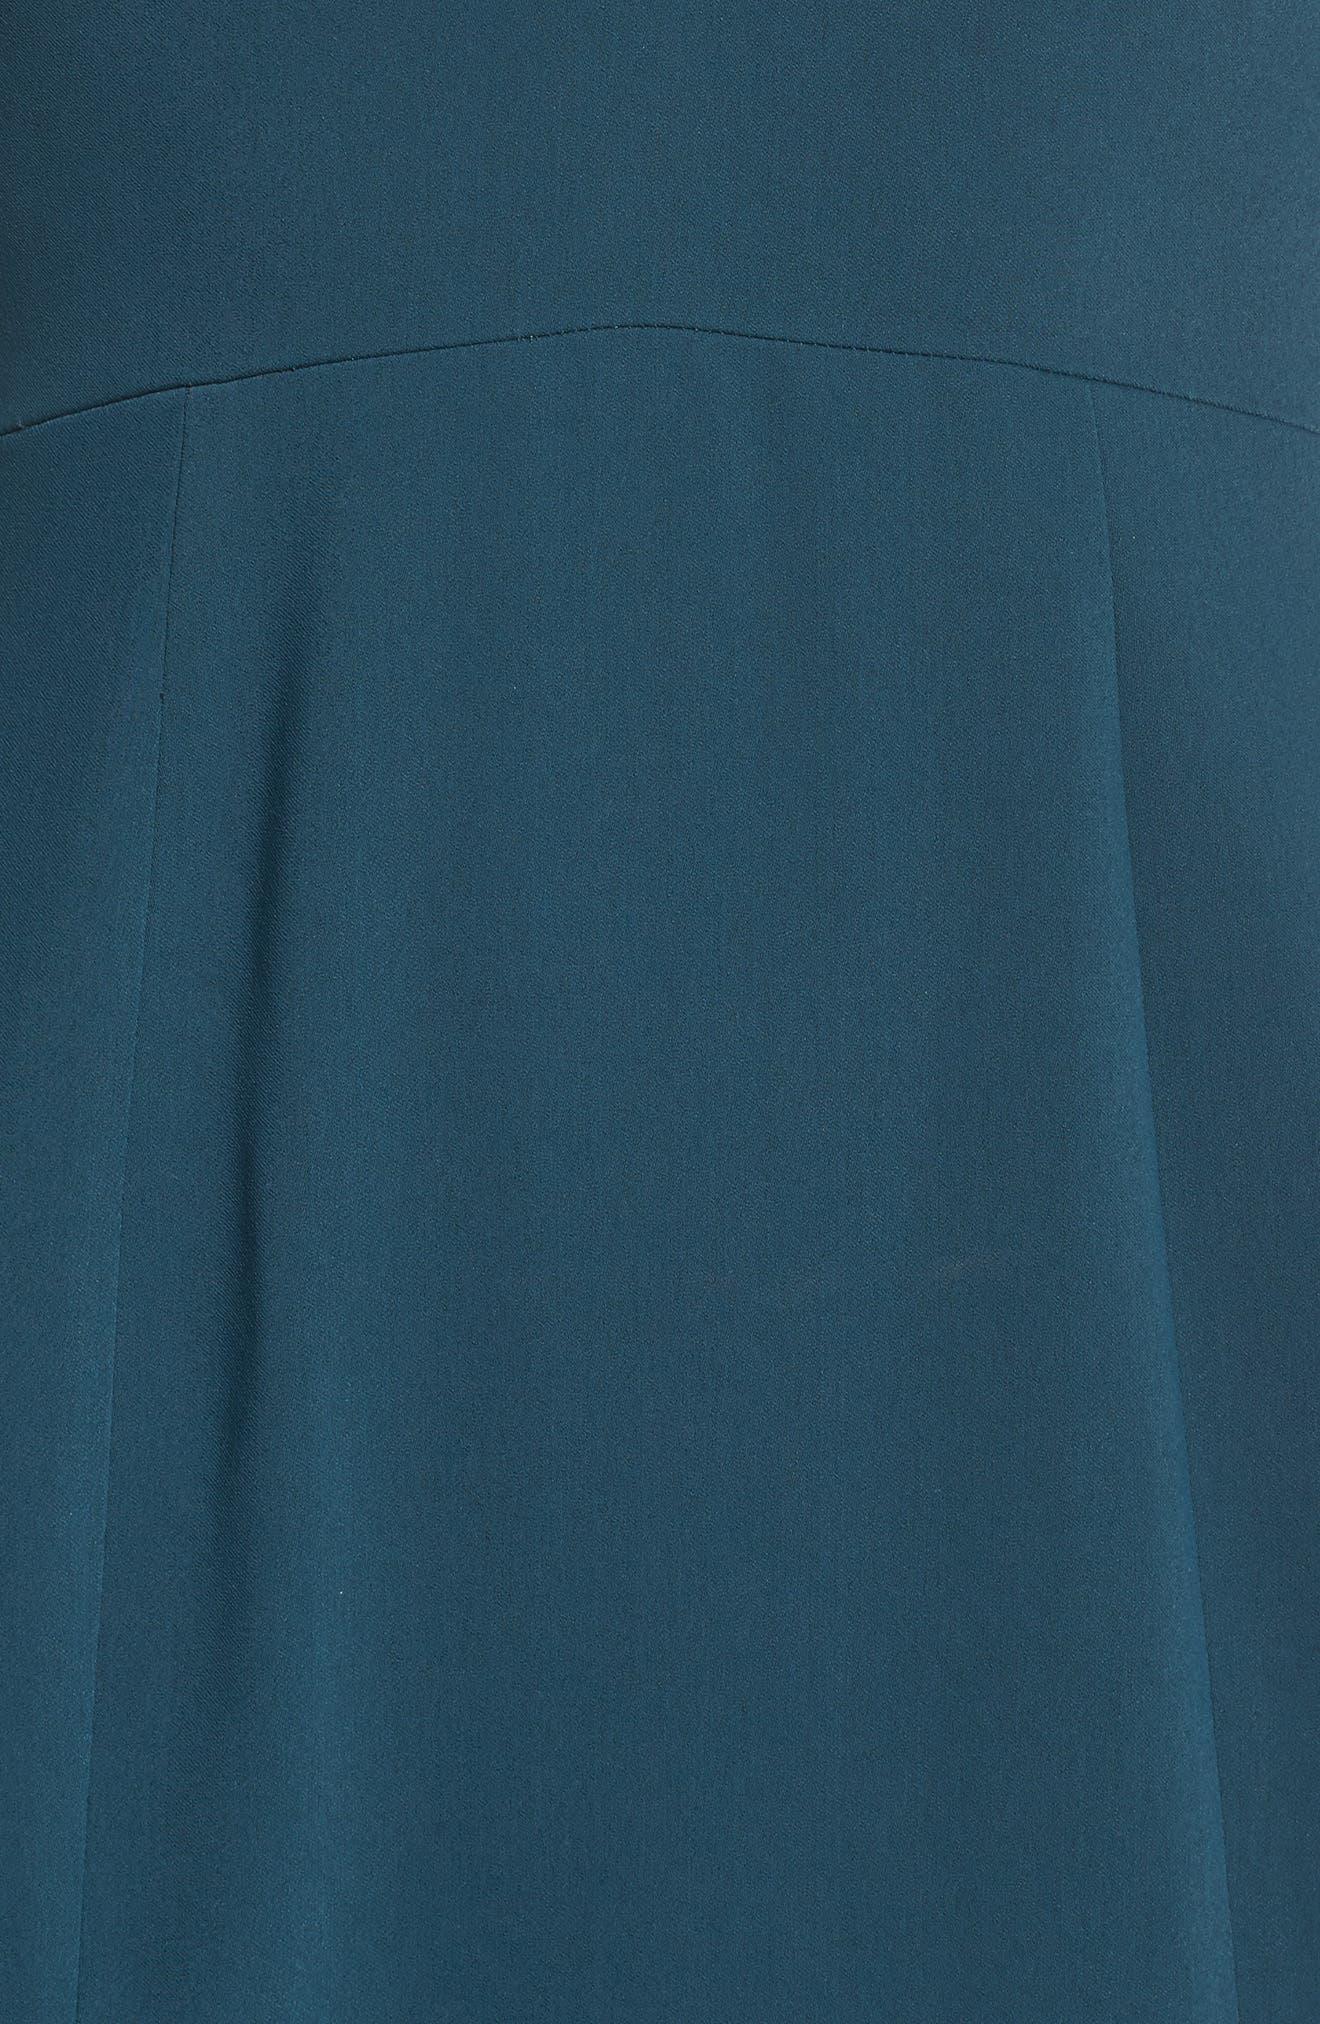 Temptation Asymmetrical Gown,                             Alternate thumbnail 5, color,                             300